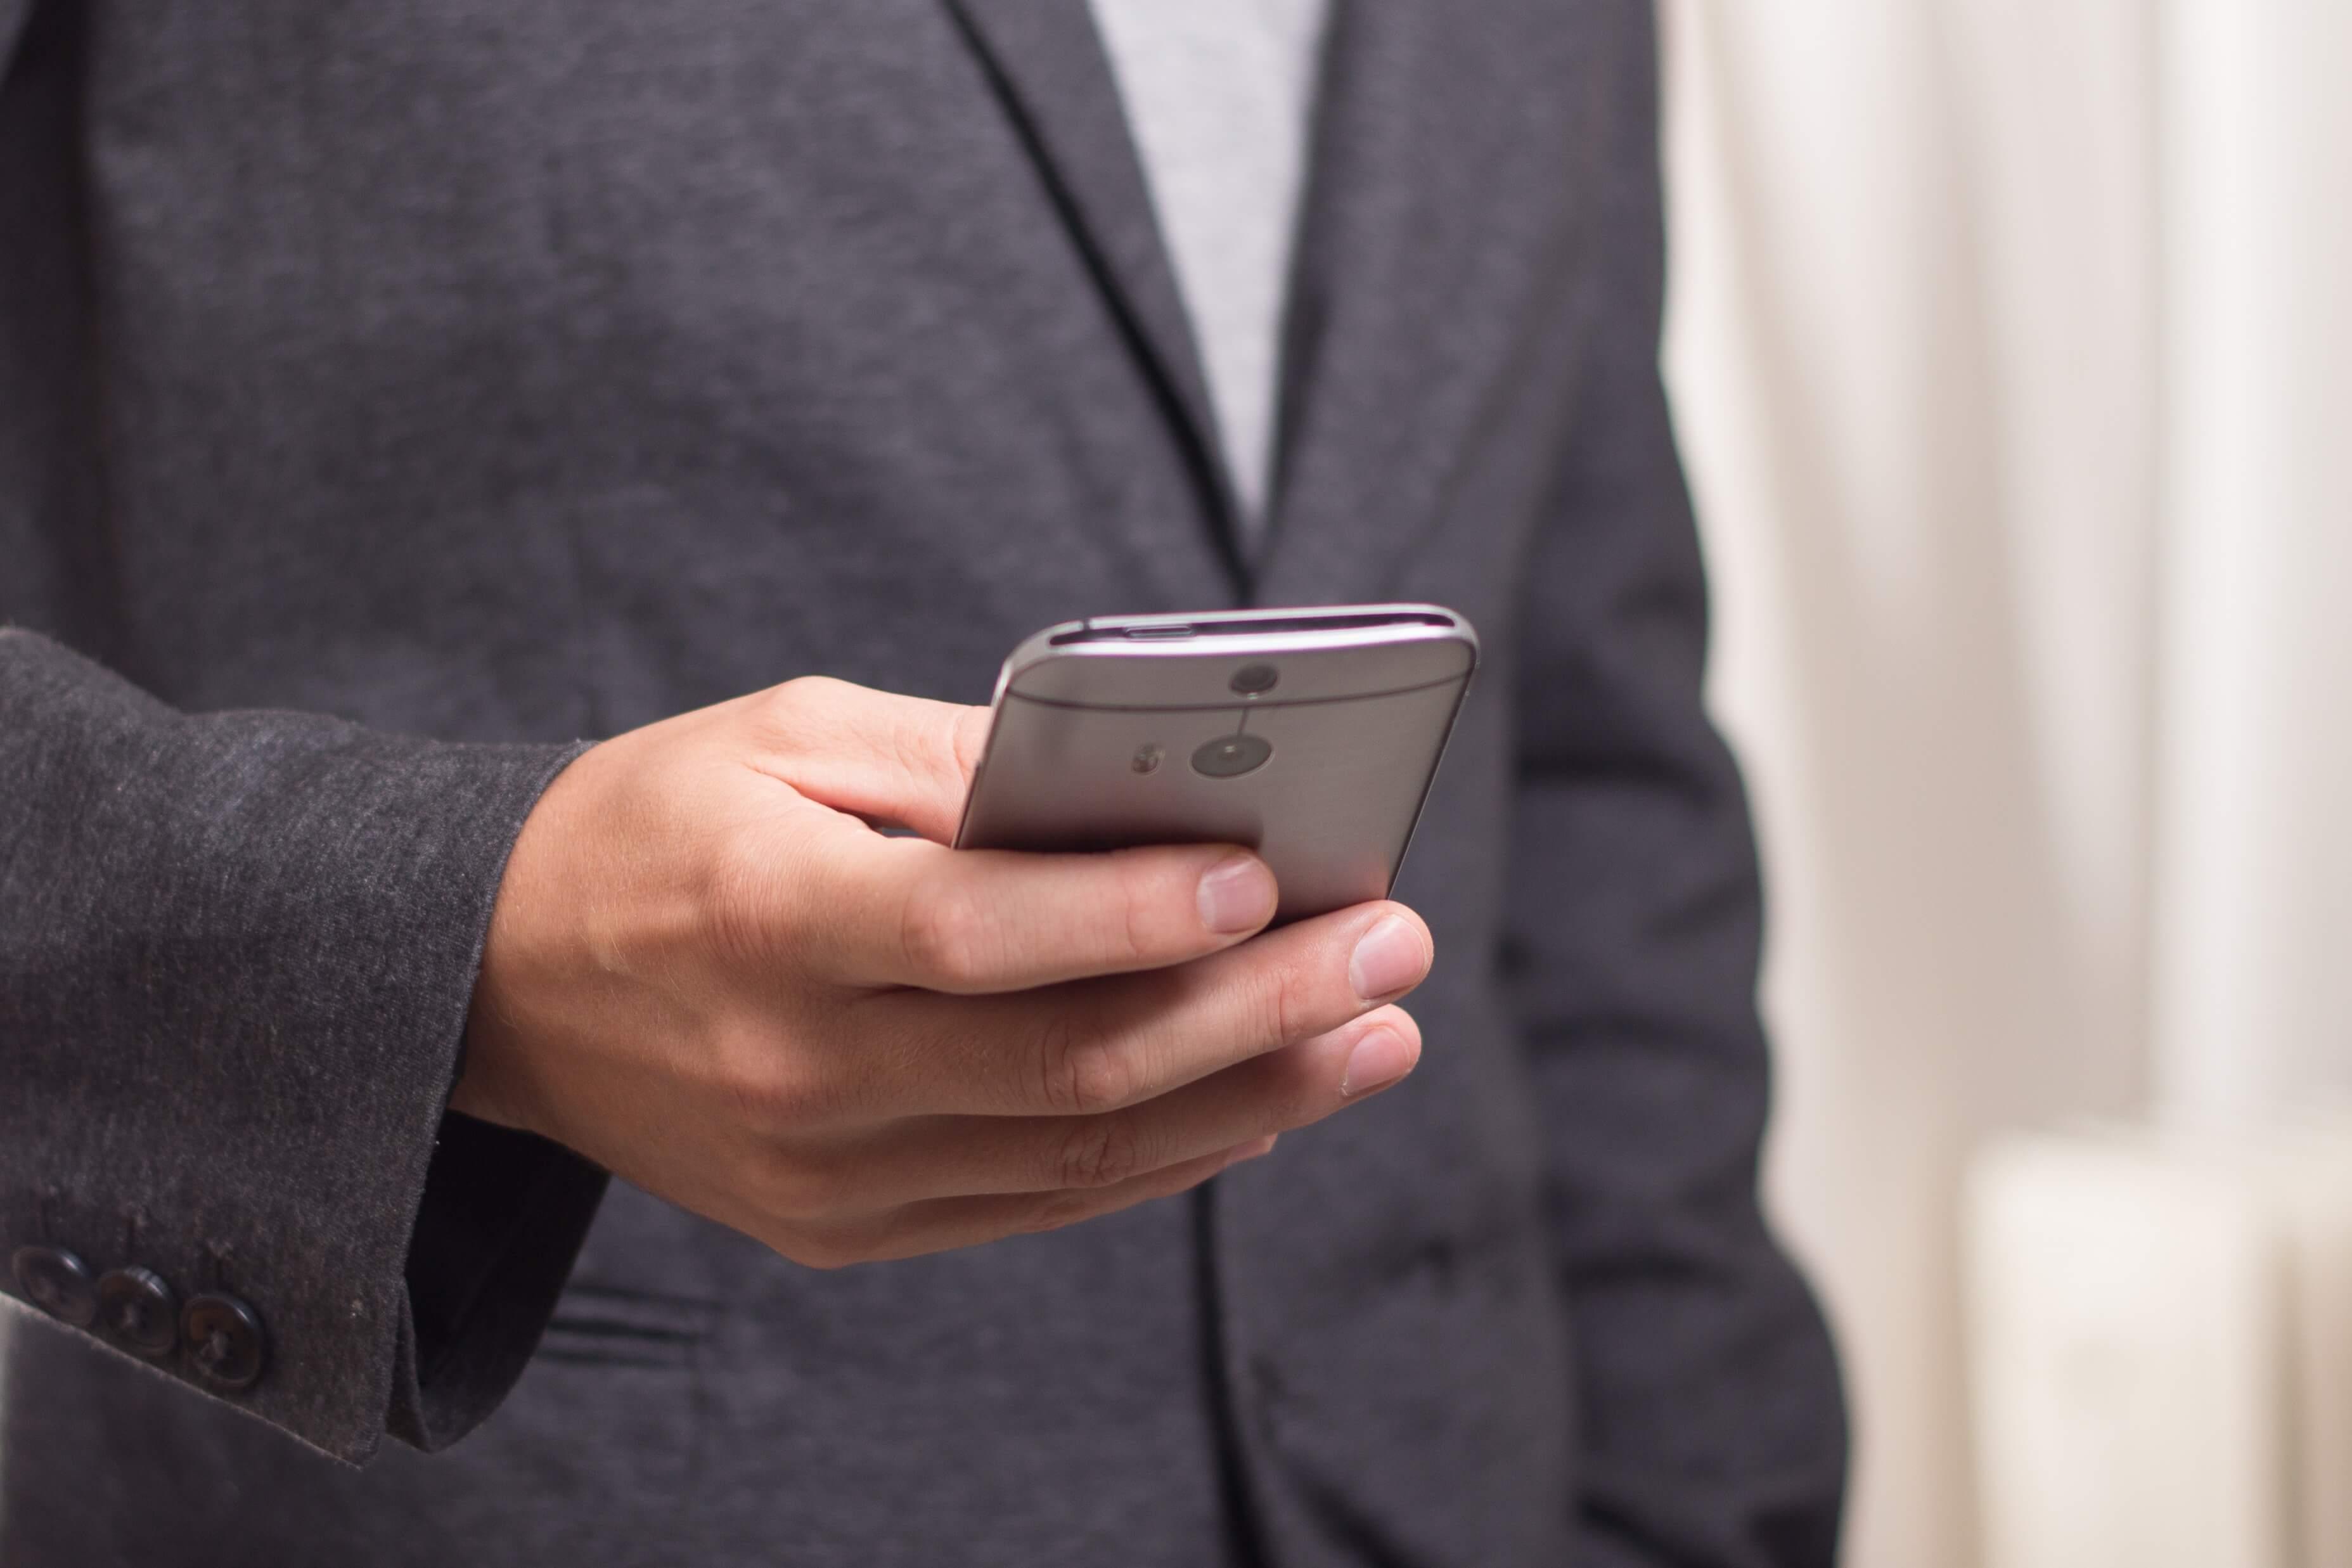 男性がスマートフォンをいじっている画像